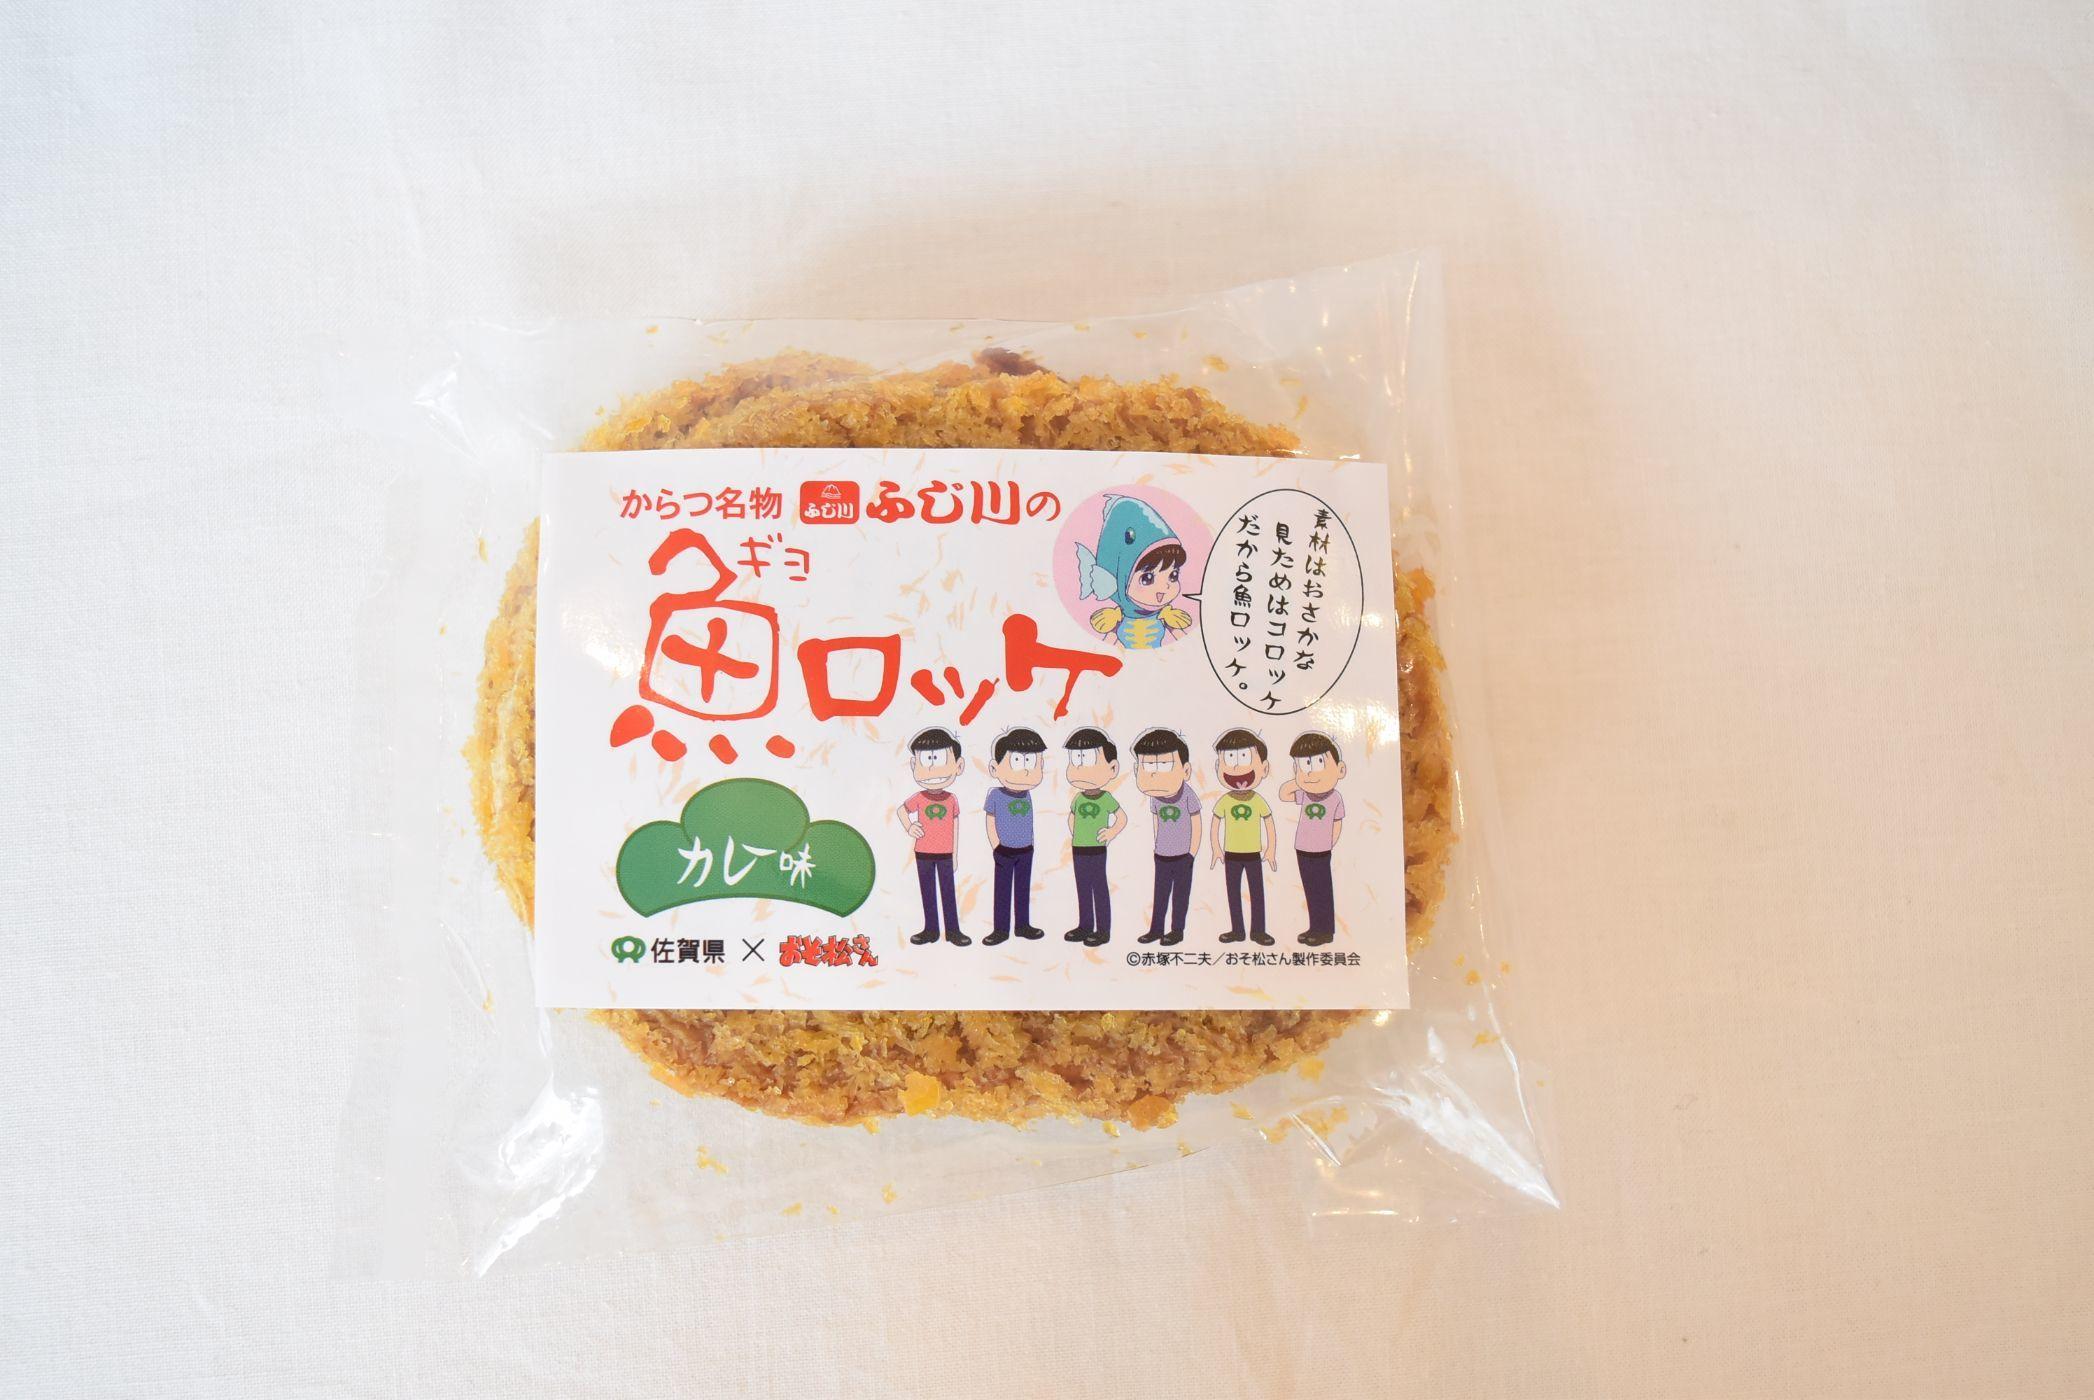 ふじ川の魚ロッケ(カレー味) 300円(税込)